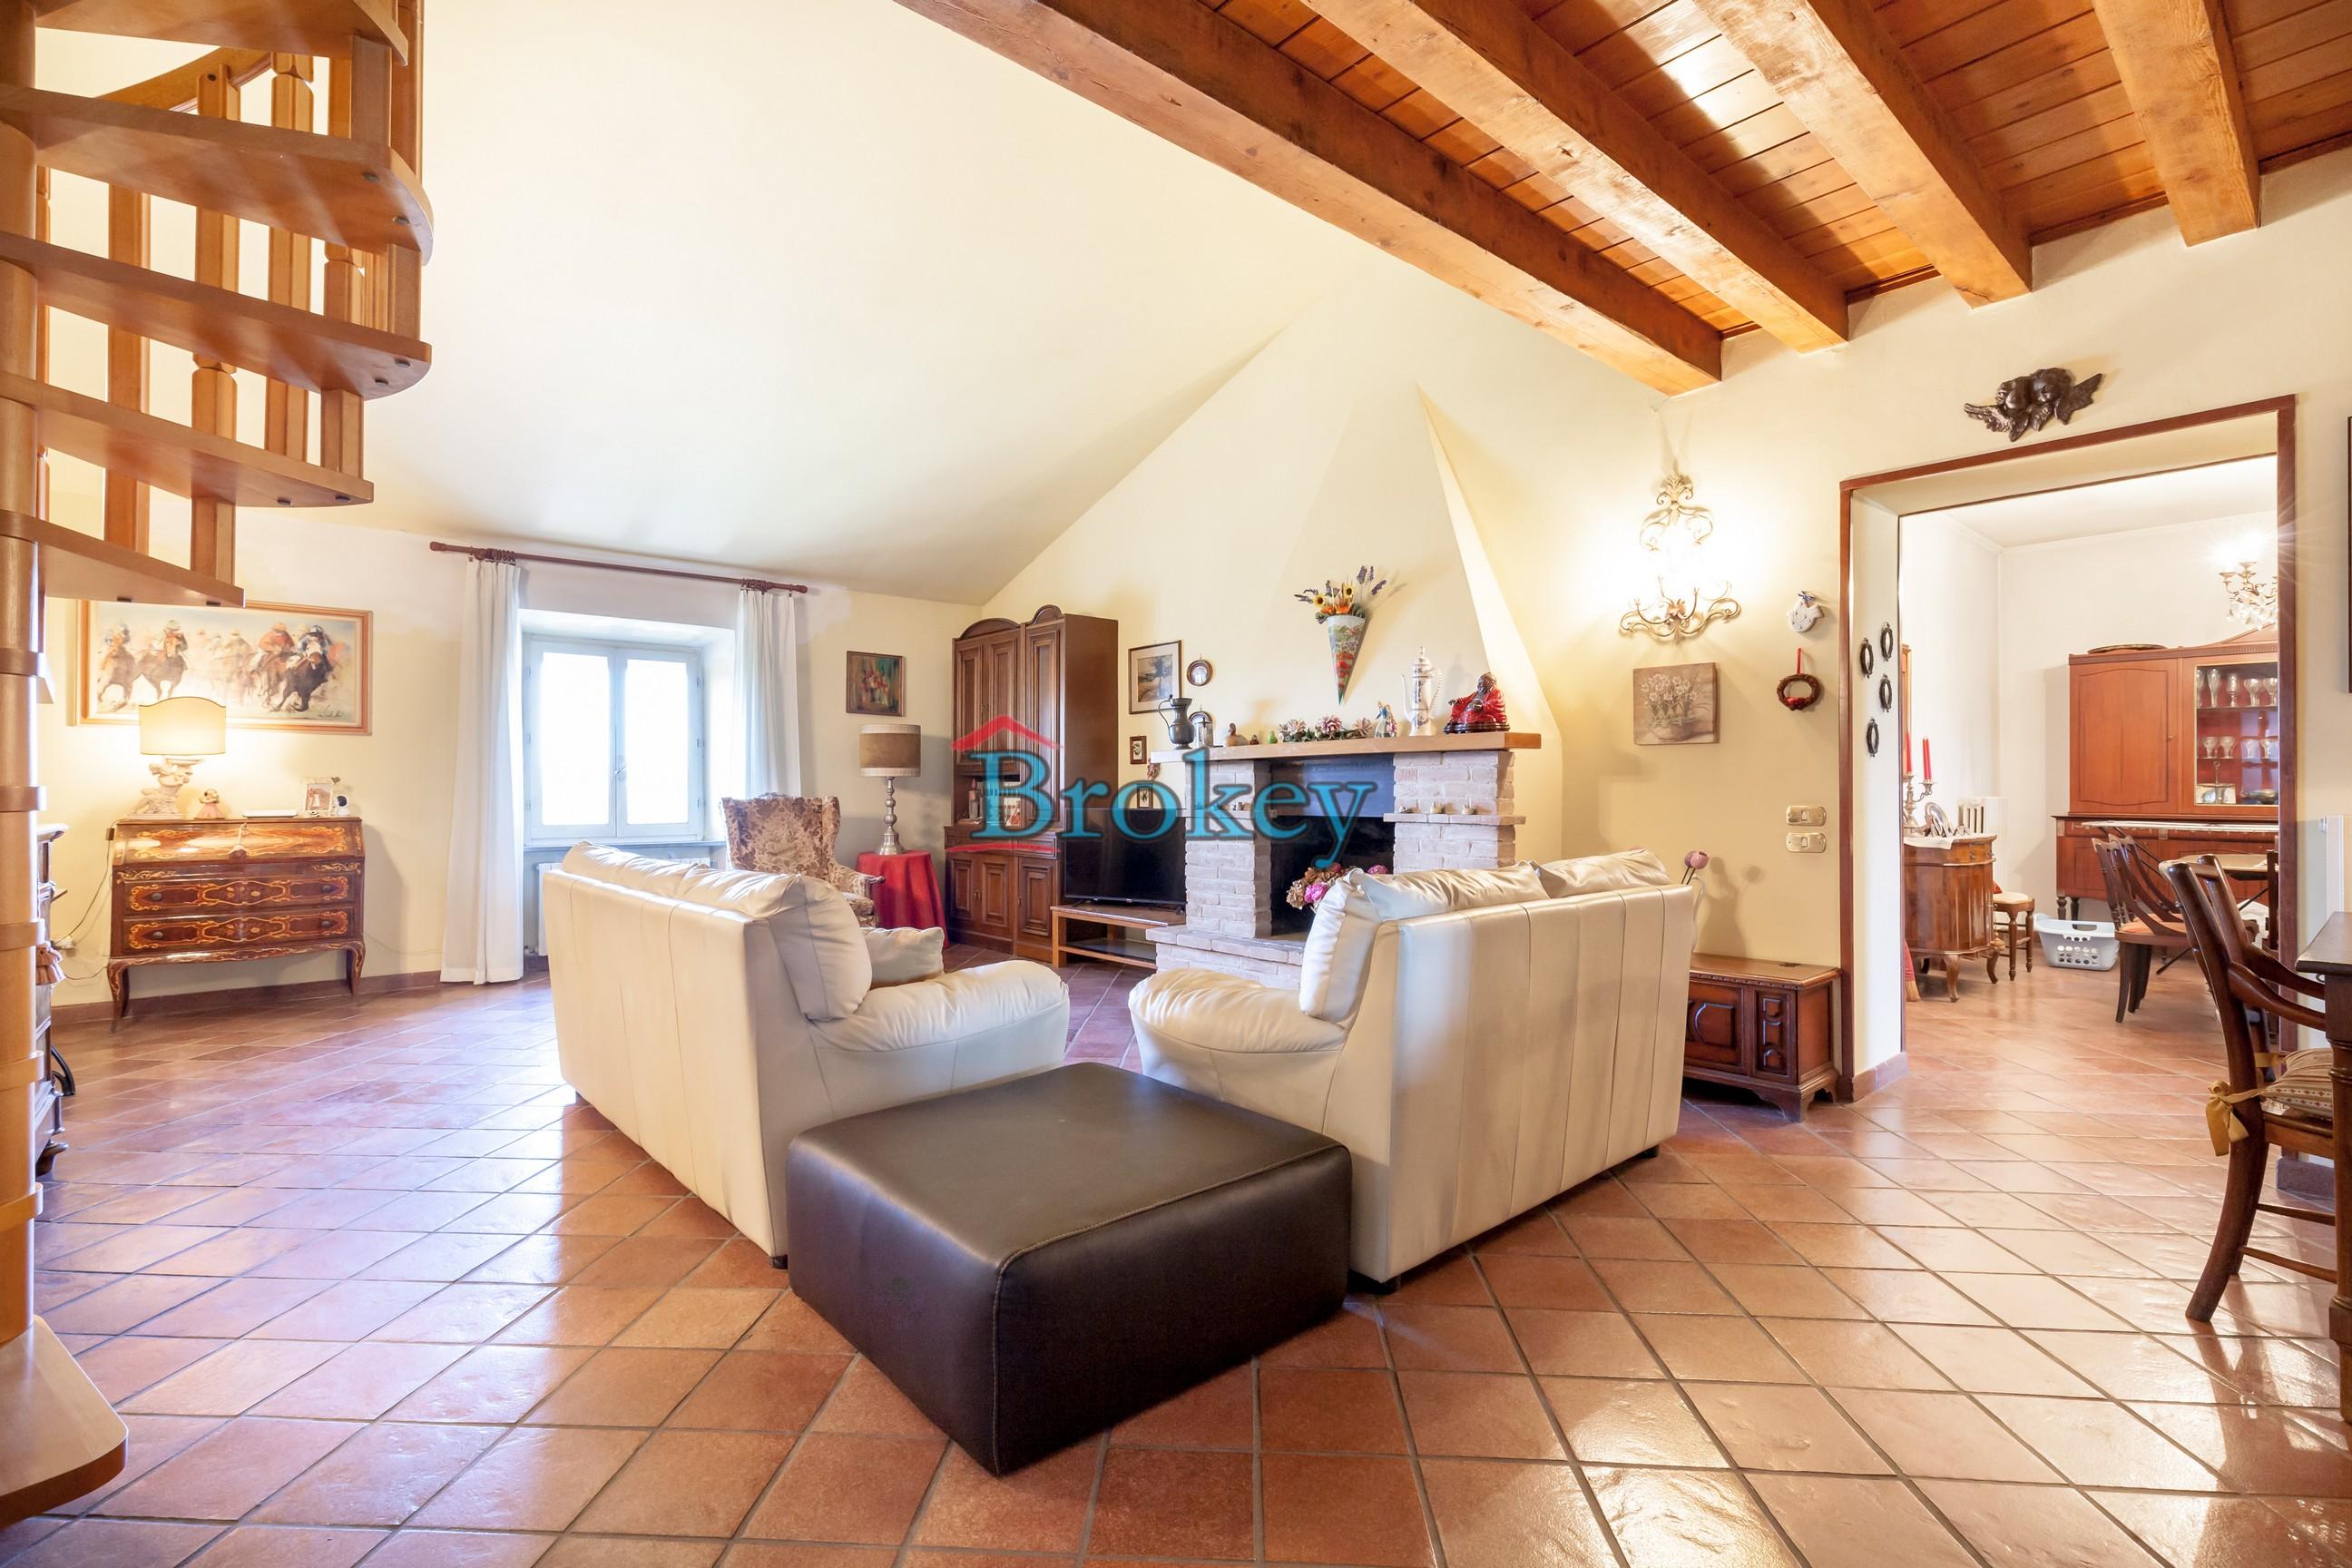 Caratteristico appartamento con ampio giardino, piccolo contesto d'epoca tra Conero, Camerano e Ancona